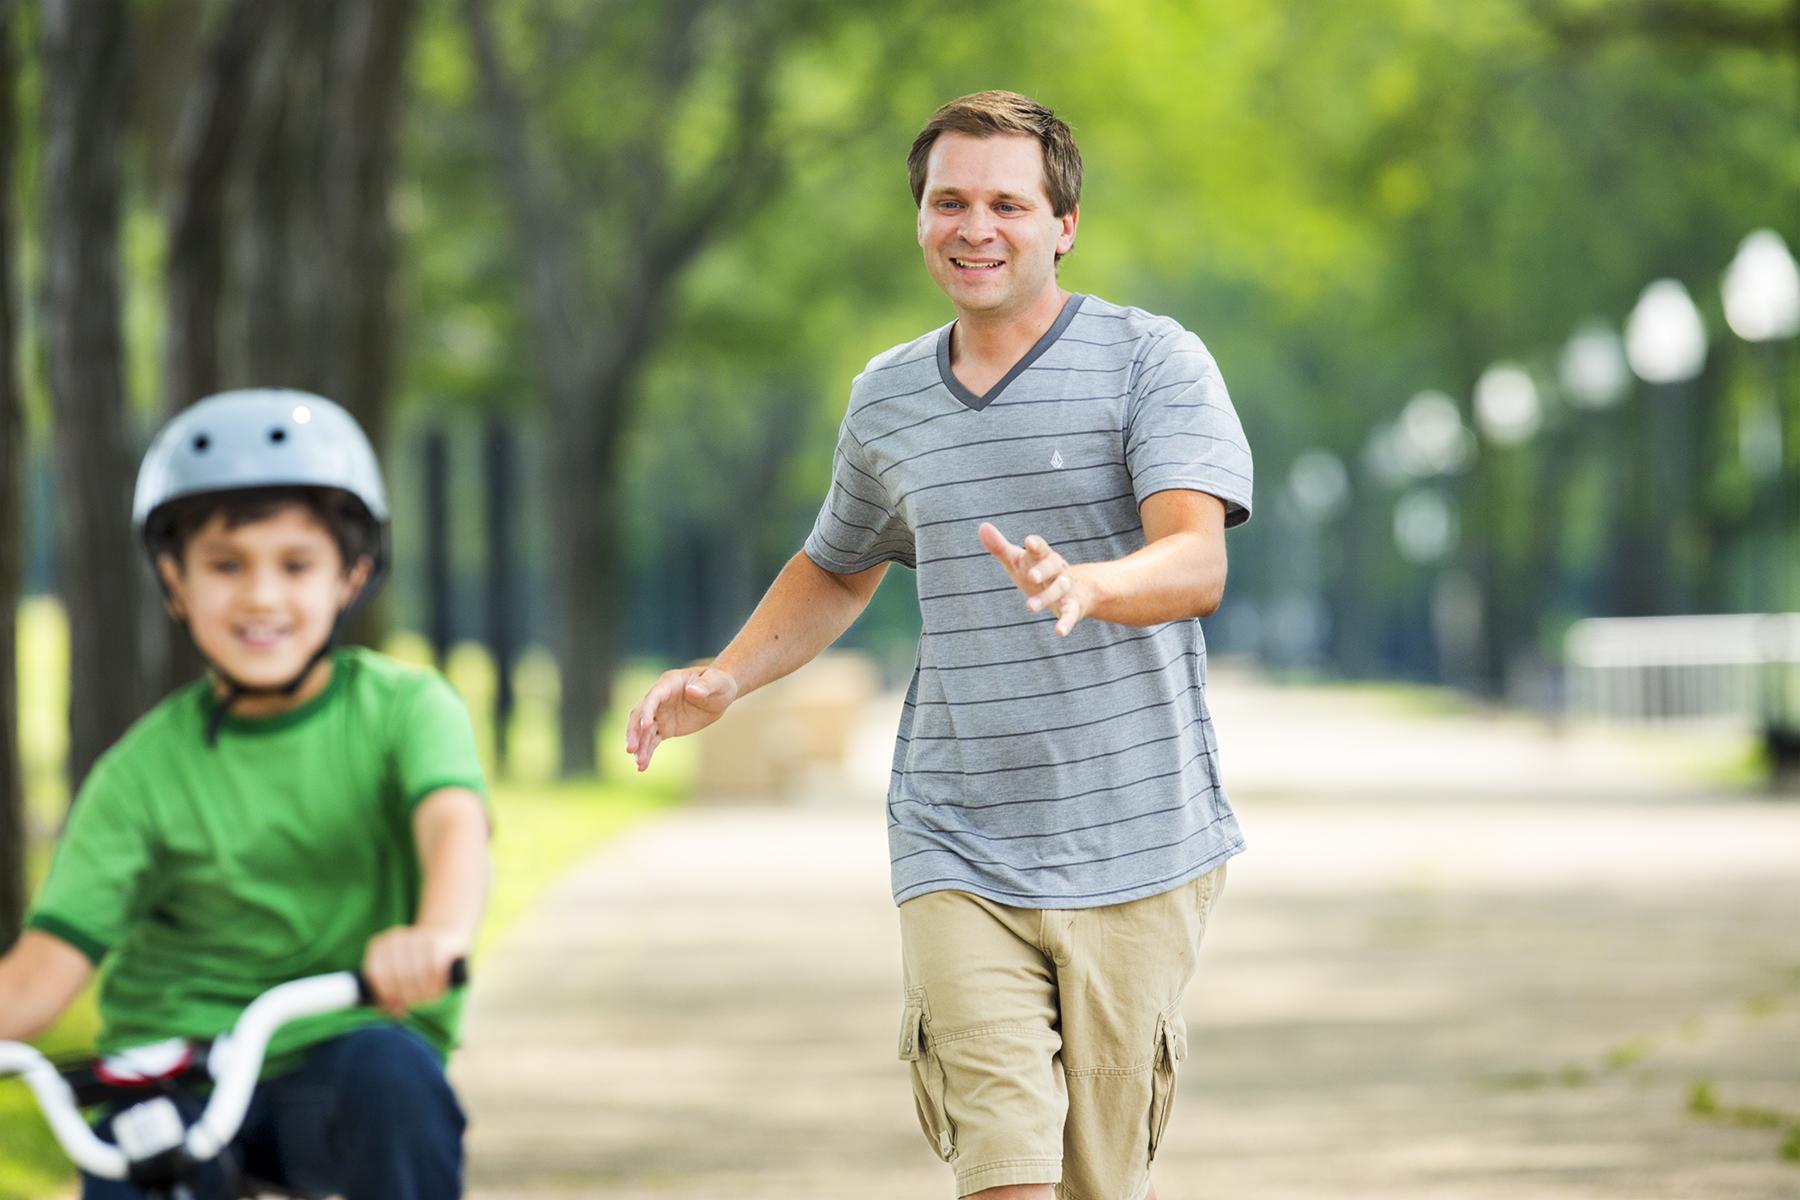 Son-BikeRiding-106_r1.jpg